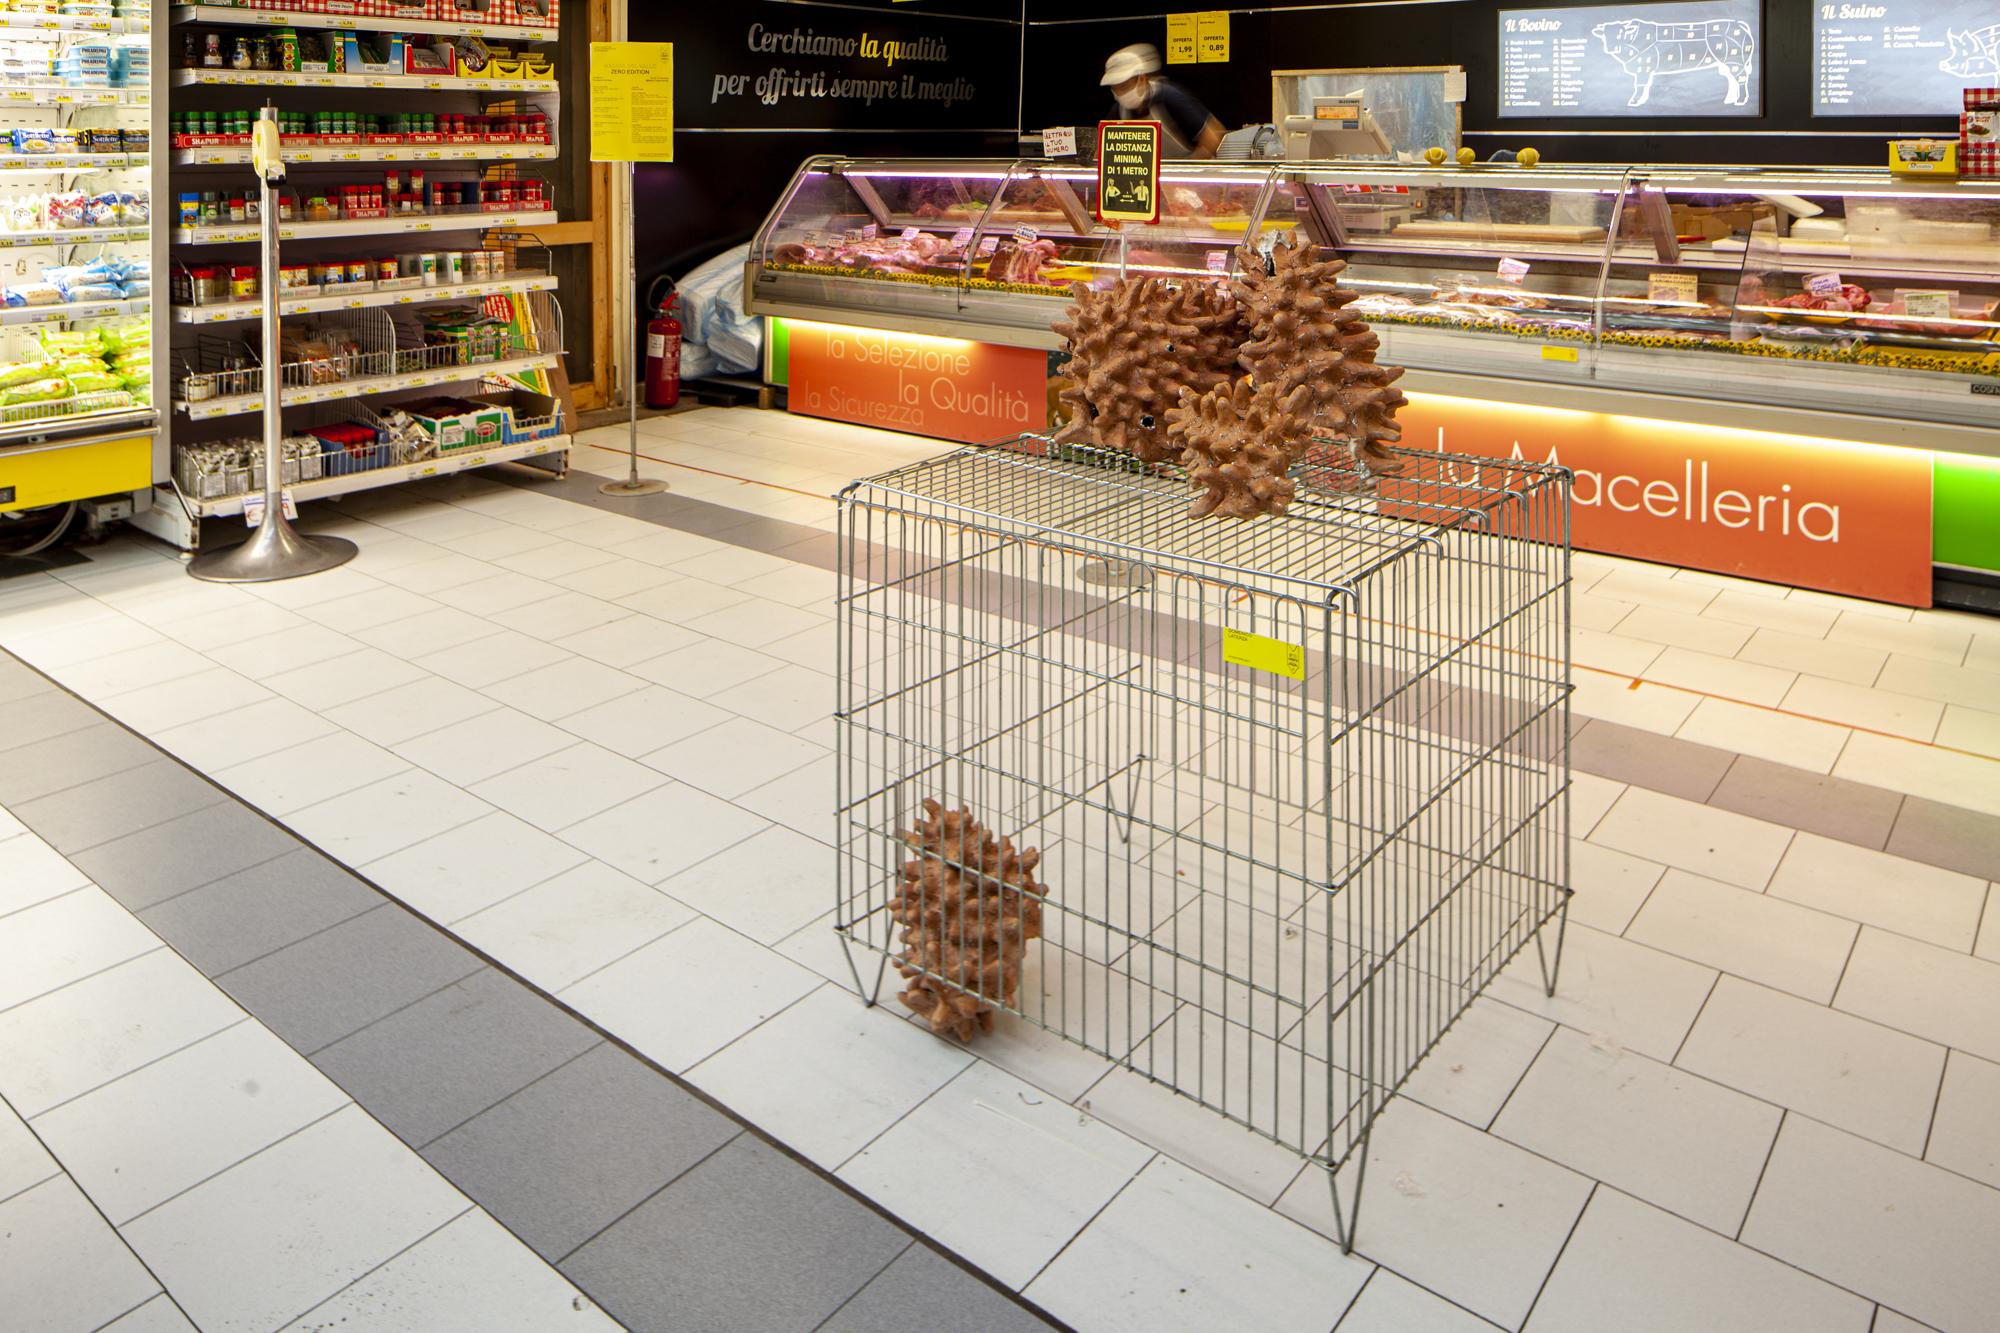 5- Domenico Laterza, Secondo le mie indicazioni- 10cents- Art At The Supermarket by Giuseppina Giordano- Zero Edition, Mazara del Vallo- ph Benito Frazzetta